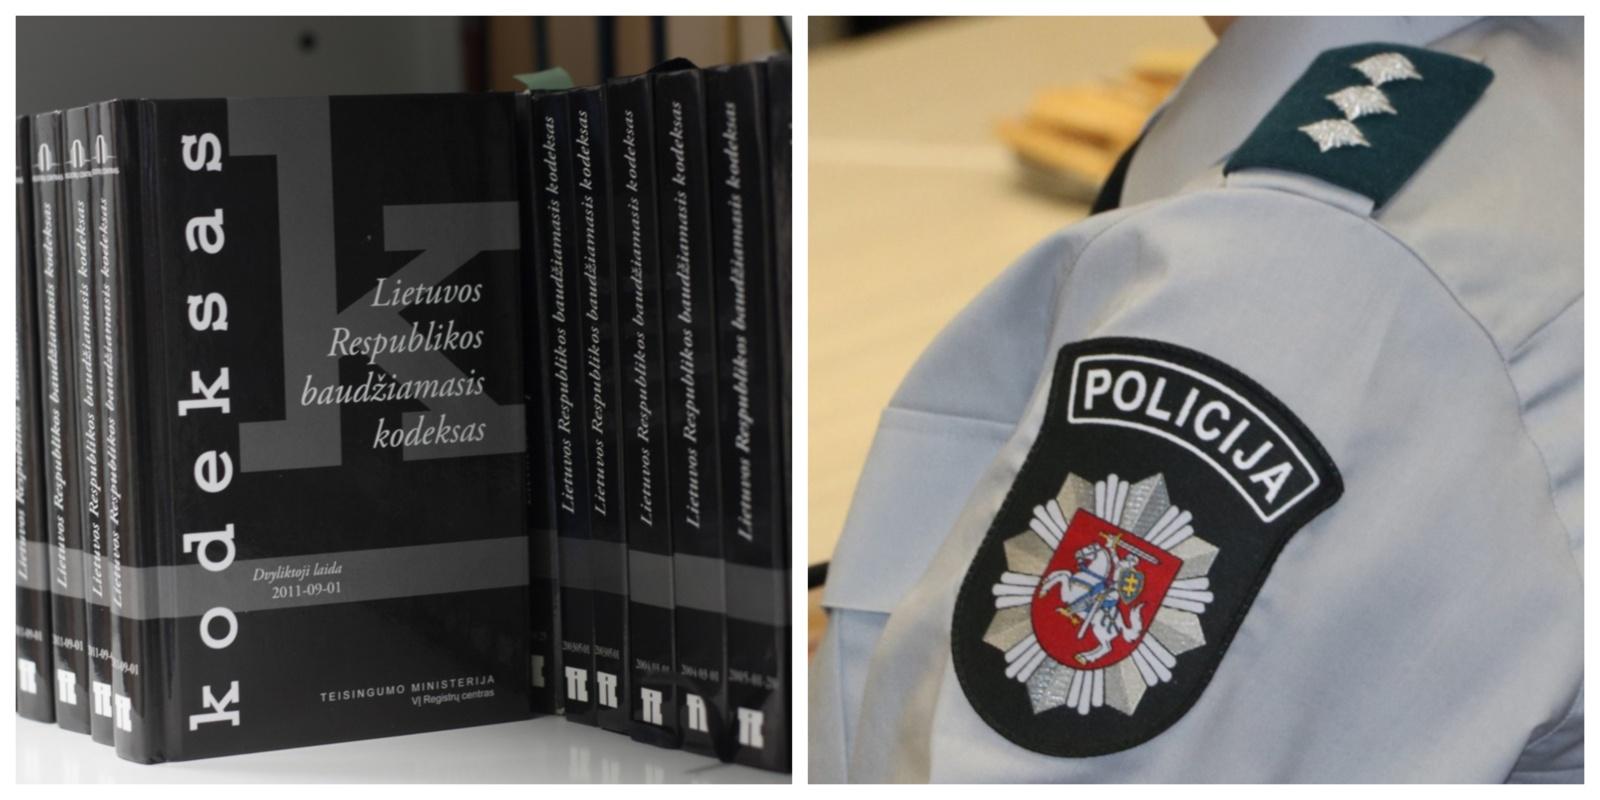 Į nusikalstamą susivienijimą susibūrę buvę Šiaulių policininkai kalės nuo 7 iki 16 metų